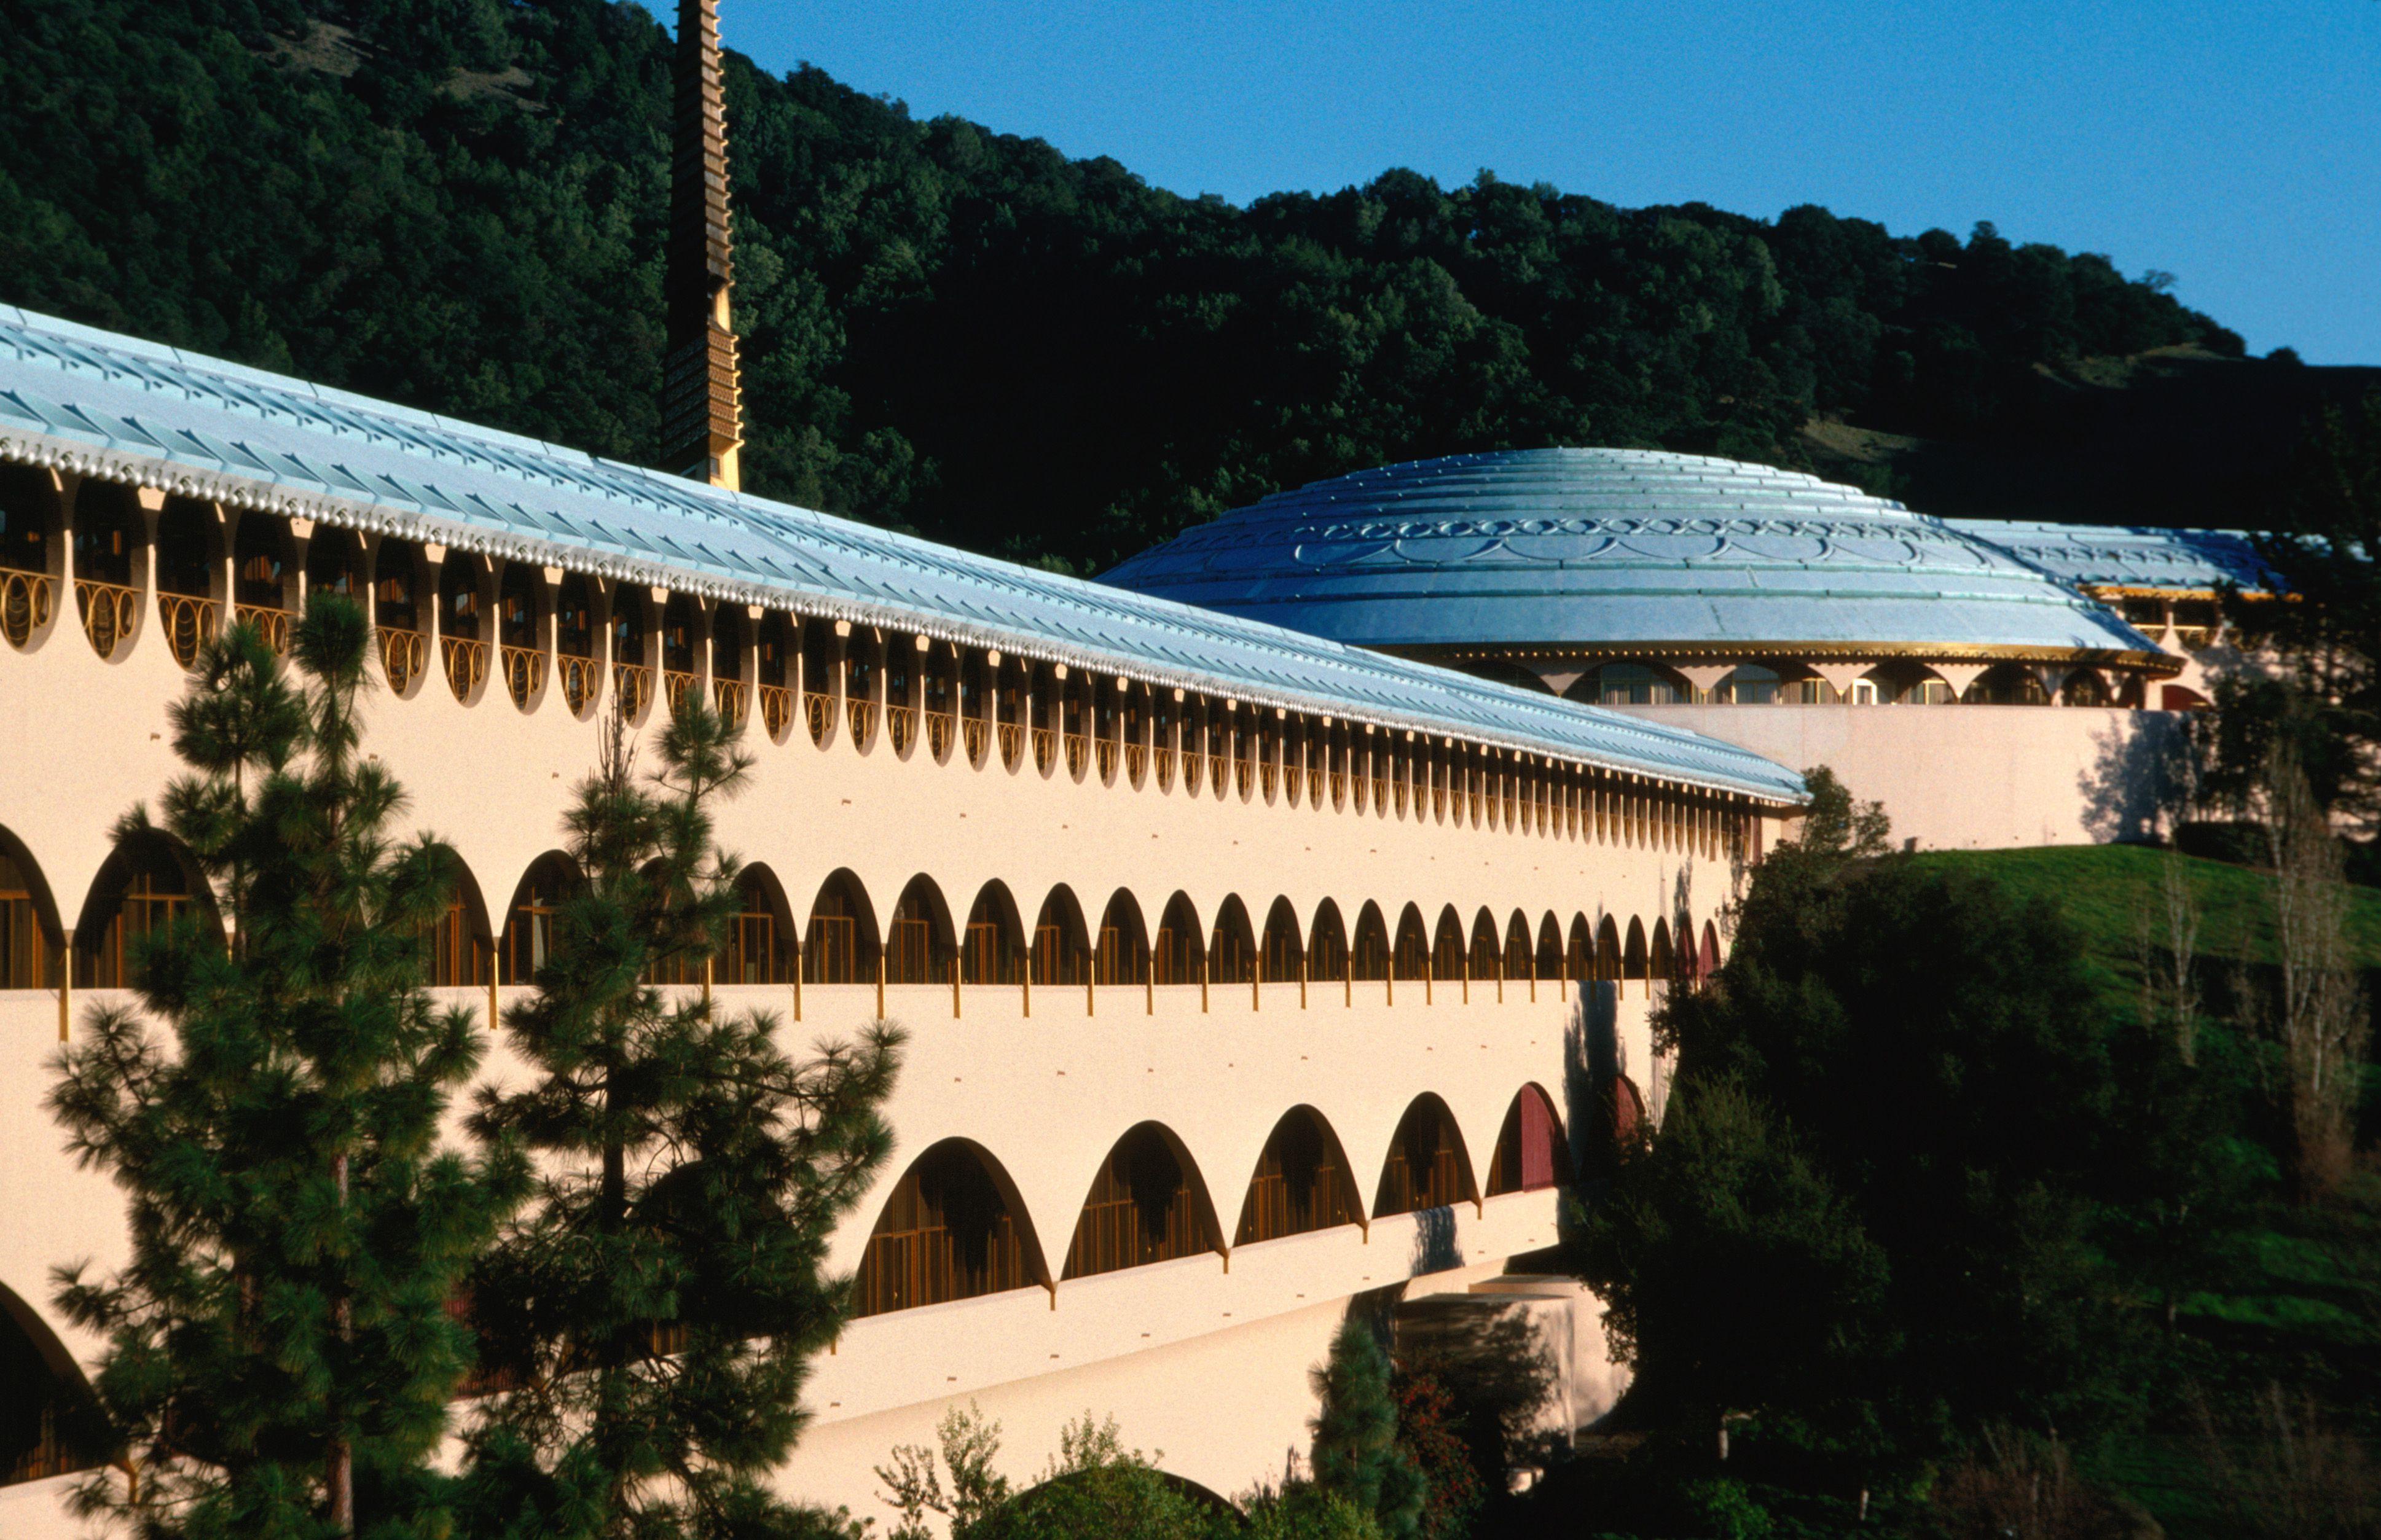 Marin City Civic Center por Frank Lloyd Wright en San Rafael, San Rafael, California, Estados Unidos de América, América del Norte